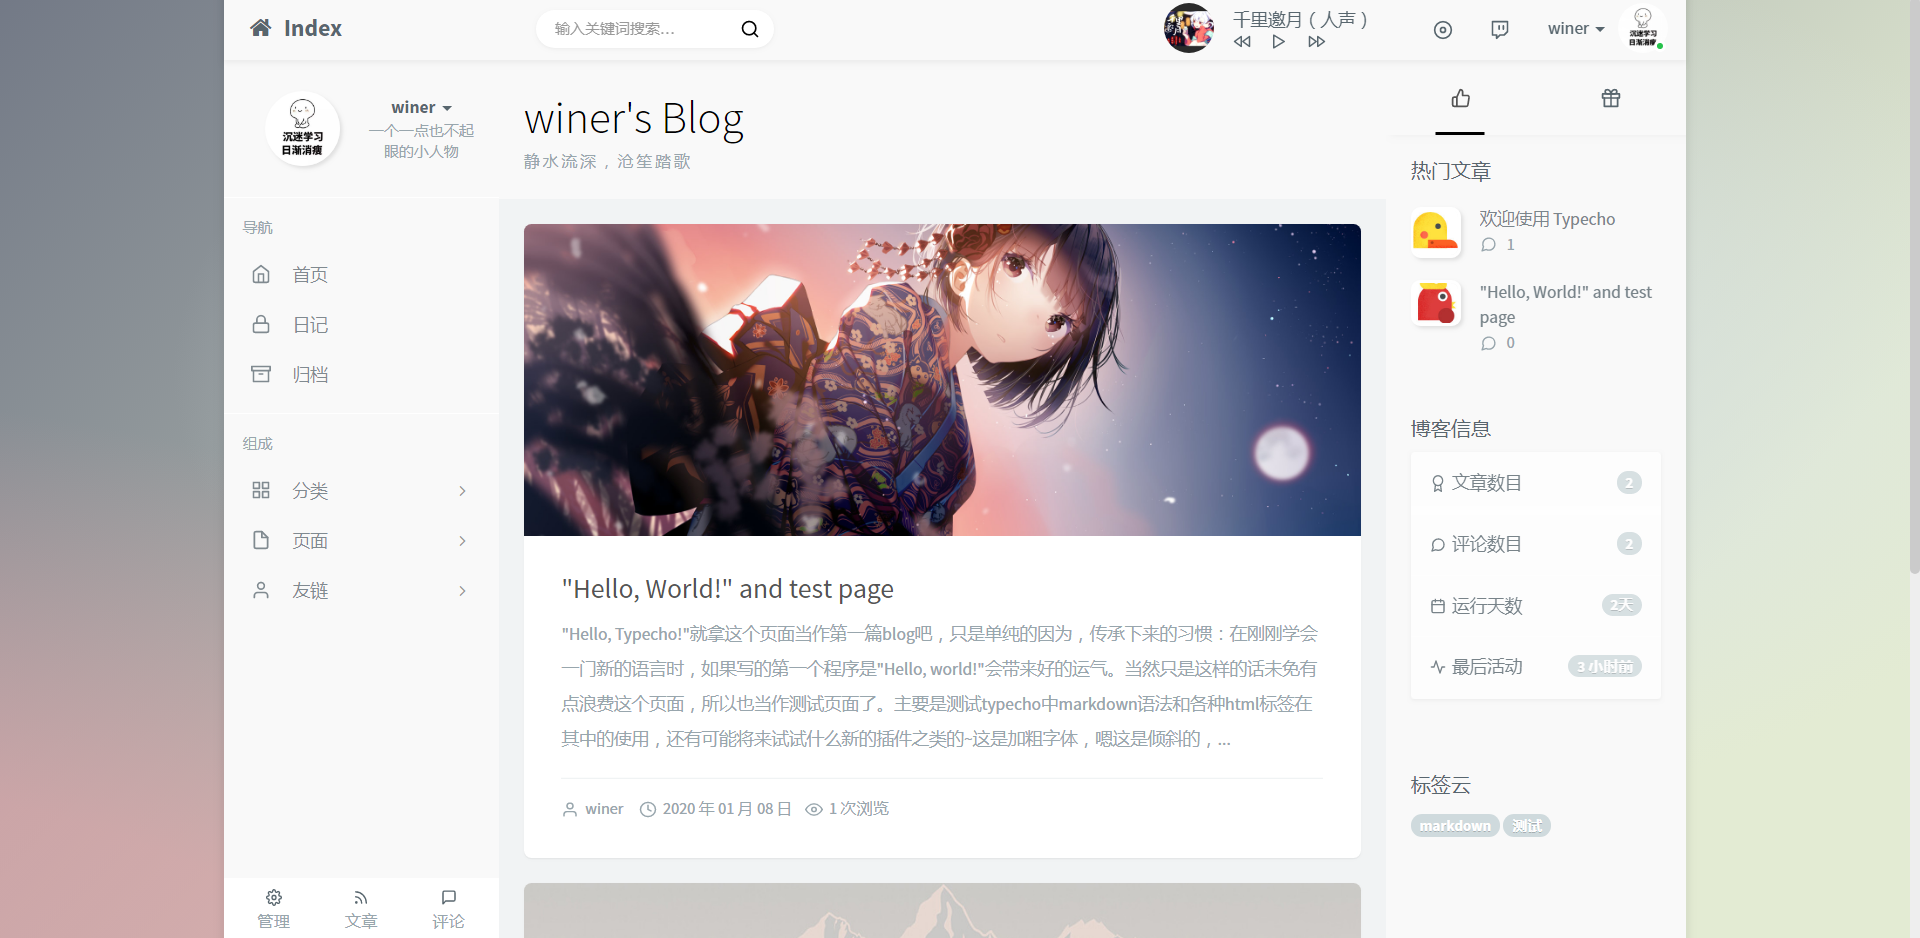 winer's Blog,Typecho博客的修改与美化相关内容记录,handsome主题,友人c